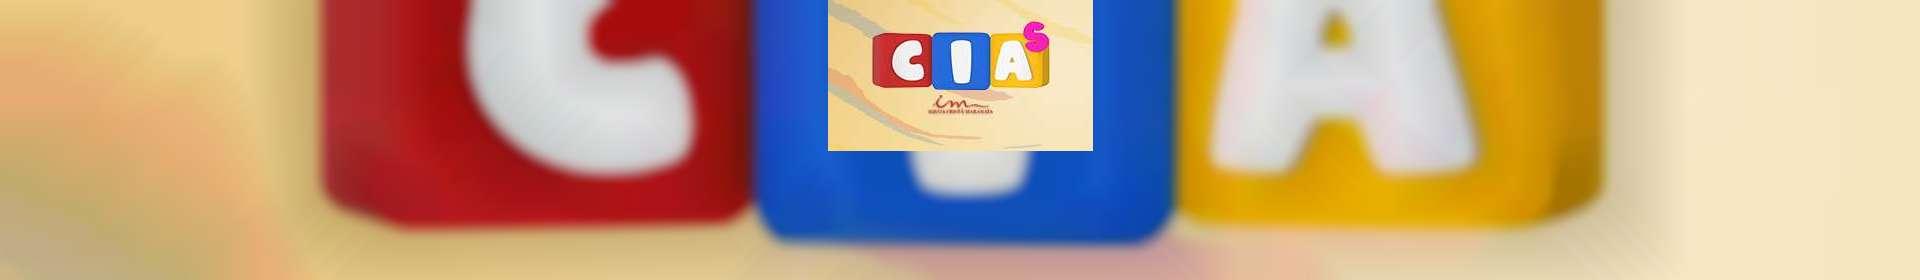 Aula de CIAS: classe de 3 a 7 anos - 30 de julho de 2020